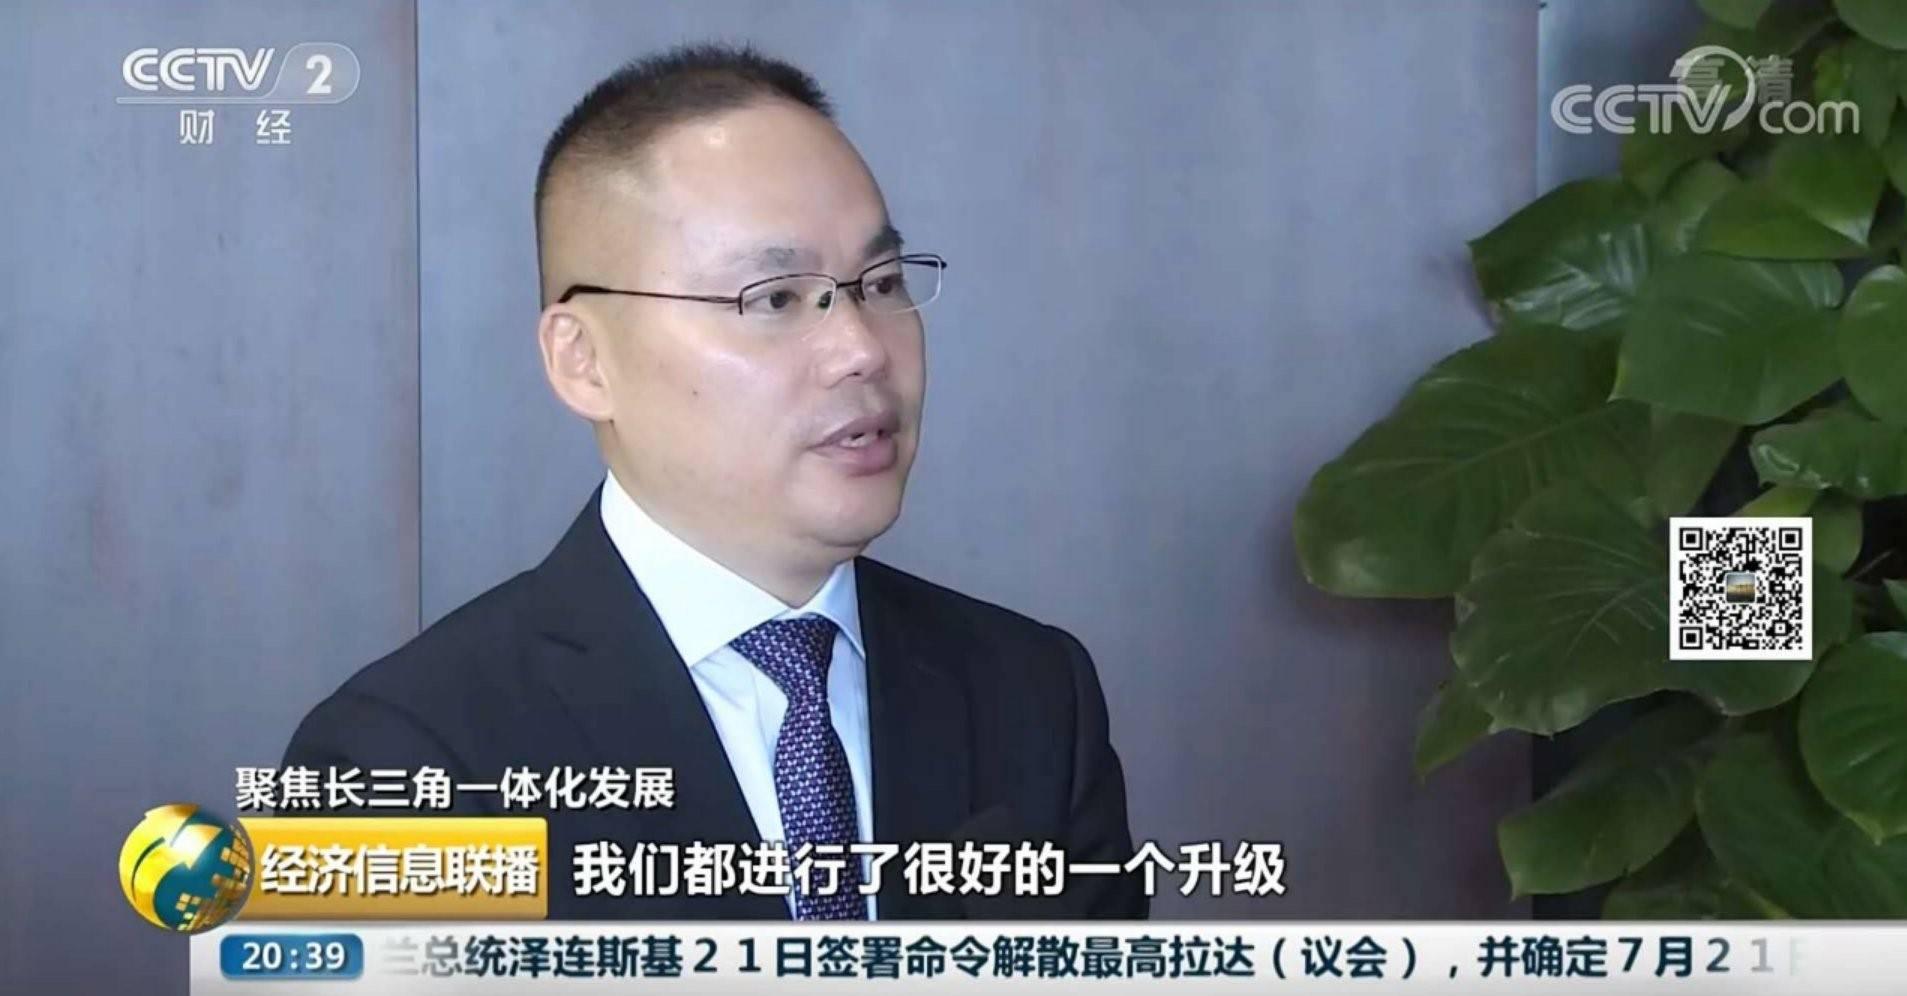 央视再次报道新华互联网科技 聚焦长三角一体化进程下的新华职业